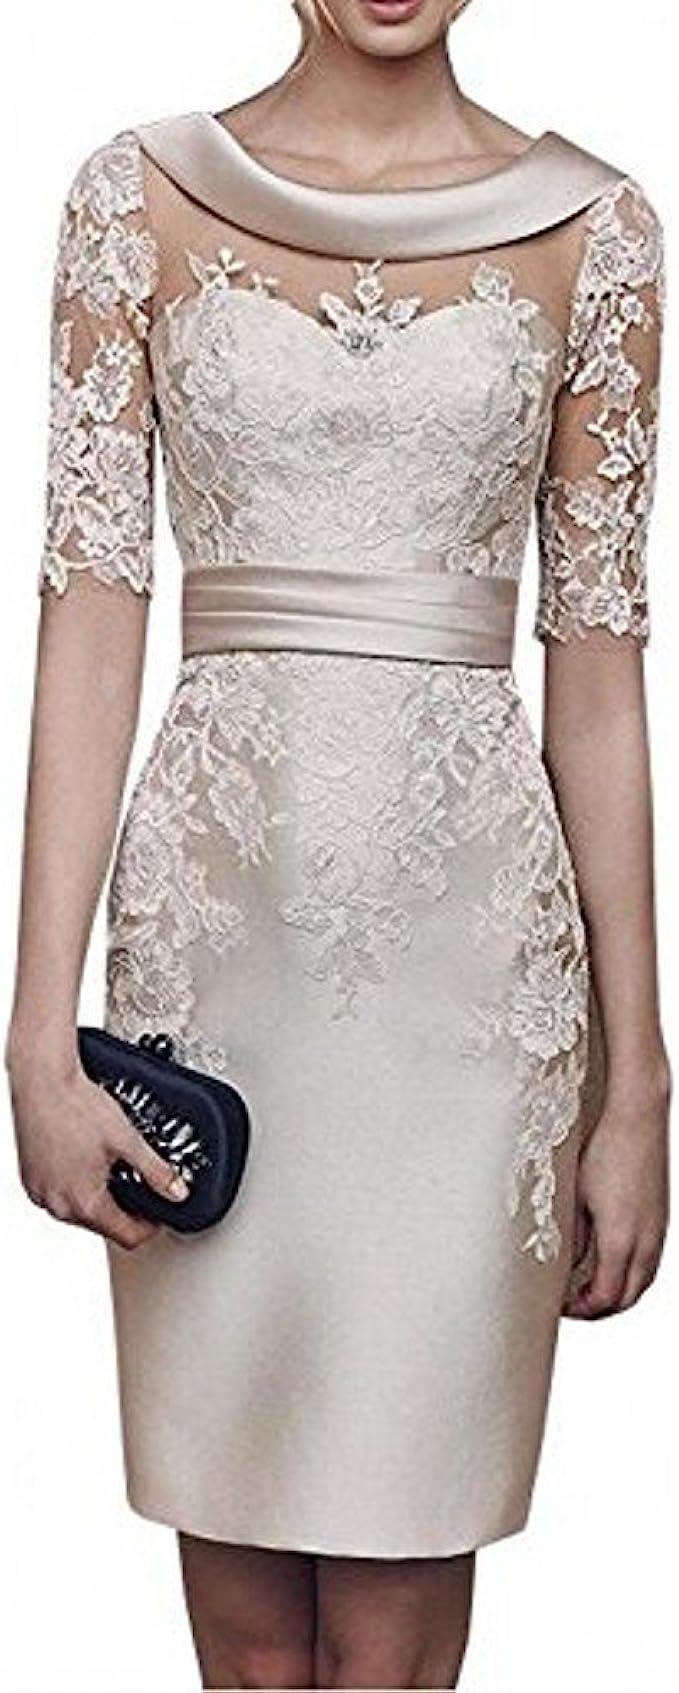 Charmant Damen 2020 Neu Champagner Satin Abendkleider Partykleider Ballkleider Langarm Knielang Festlich Kleider Amazon De Bekleidung